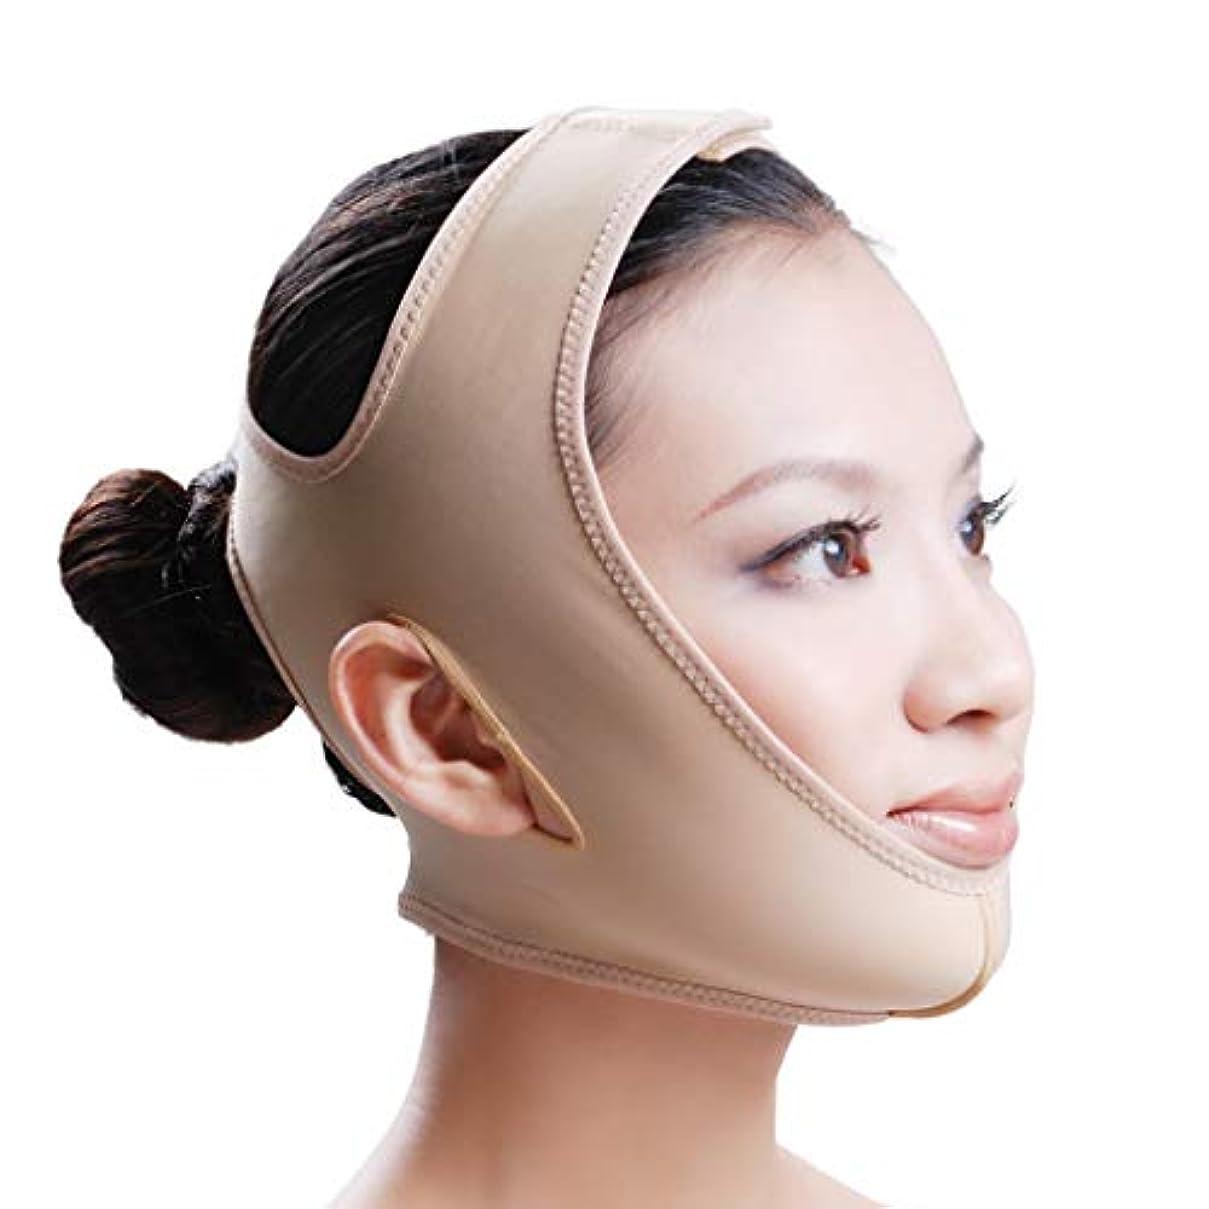 保護する中止します用心深いJia He 軽量 薄い顔ベルト、薄い顔包帯睡眠は通気性のV面アーティファクト整形マスクを使用したプル ## (Size : XXL)